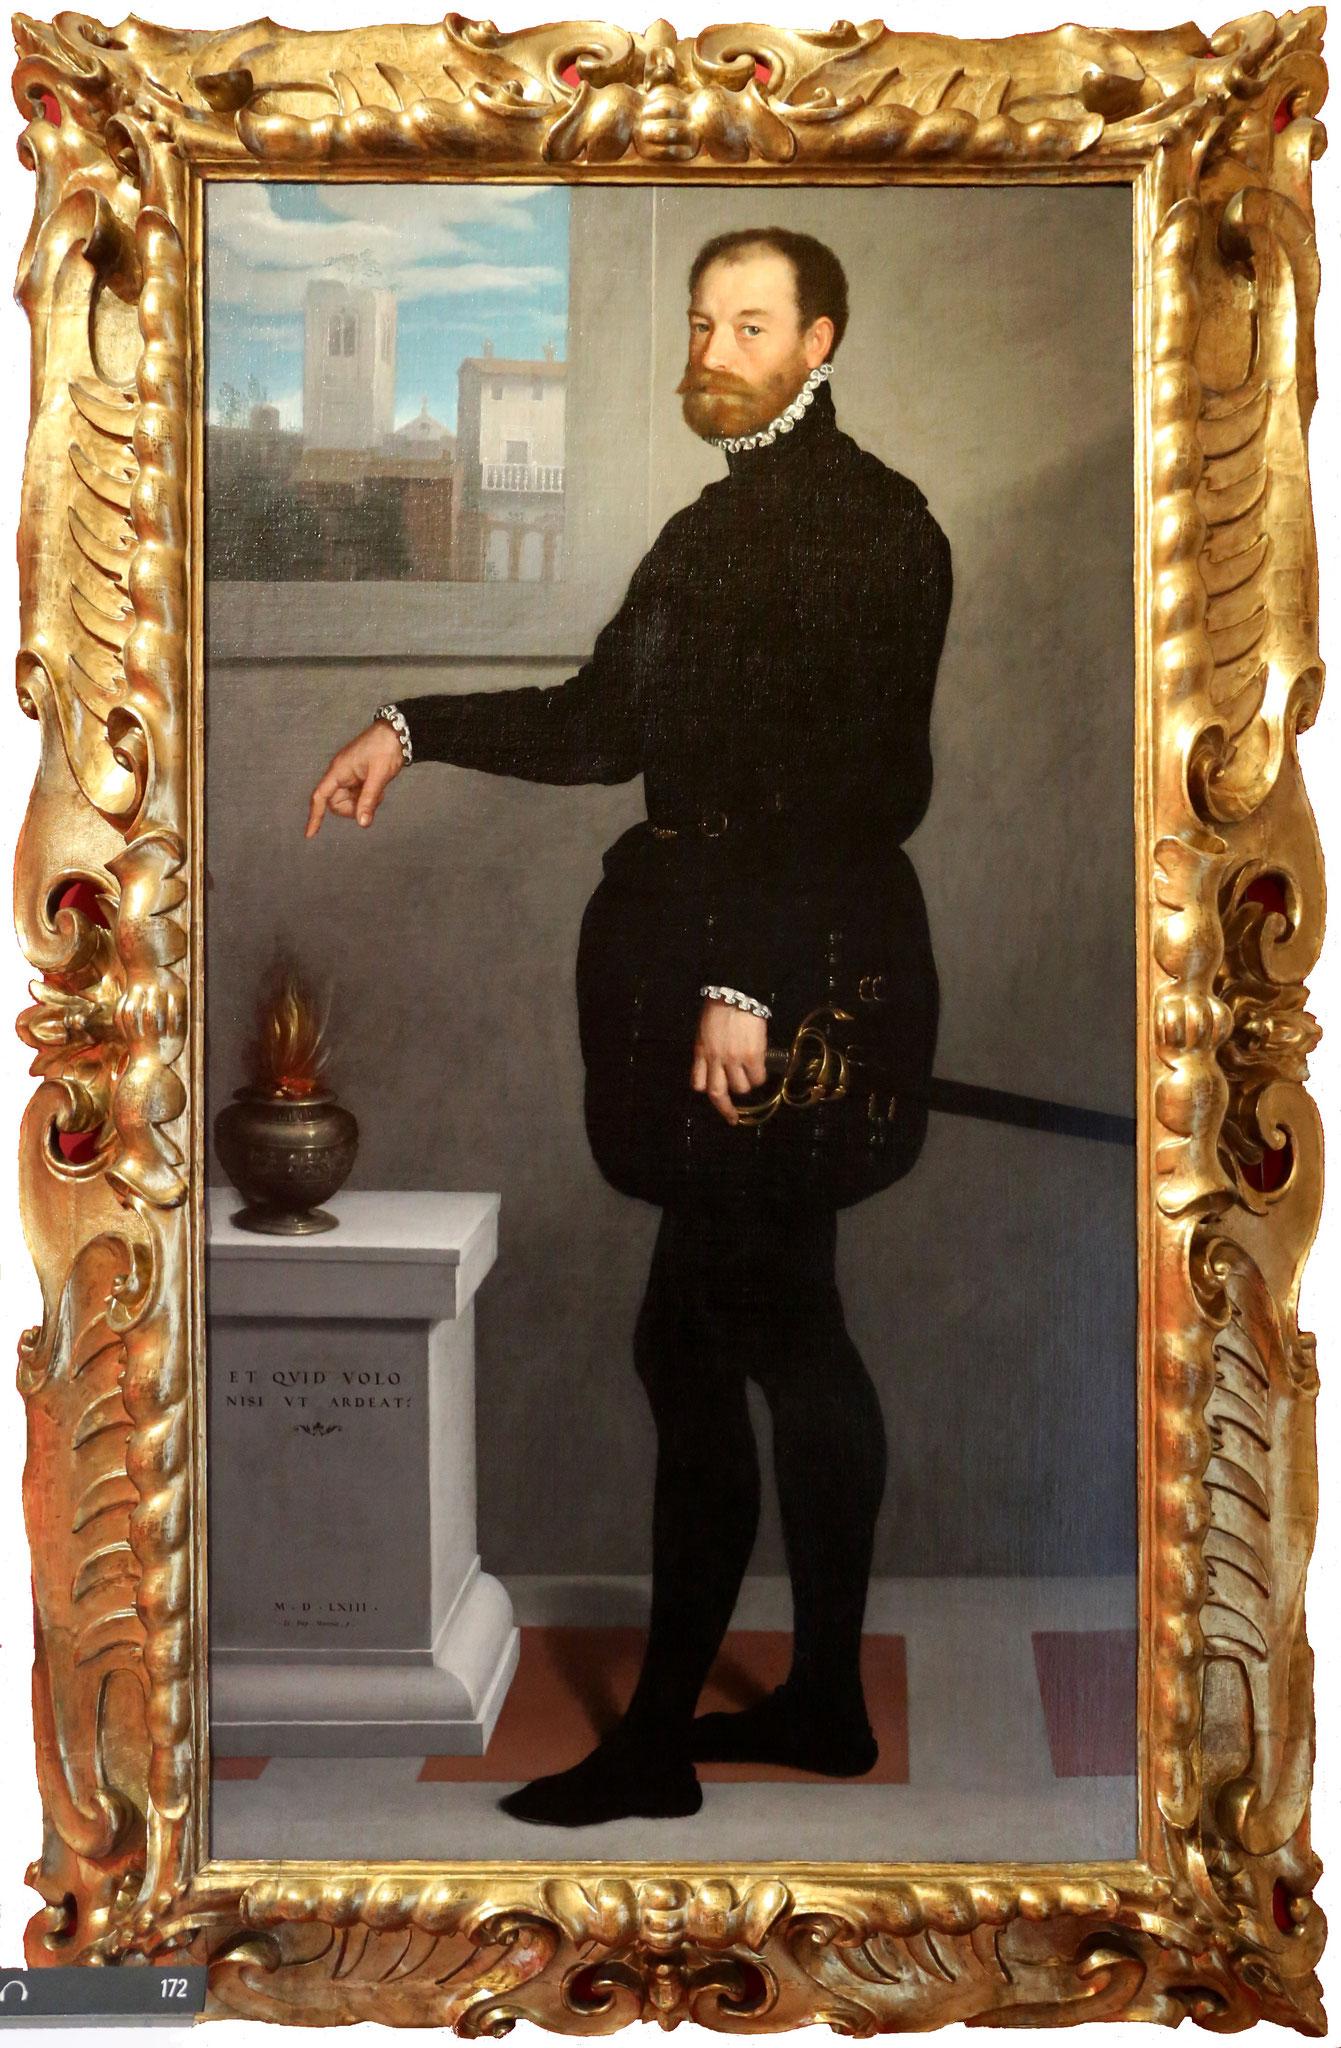 Pietro Secco Suardo von G. B. Moroni (1563).CC BY 3.0